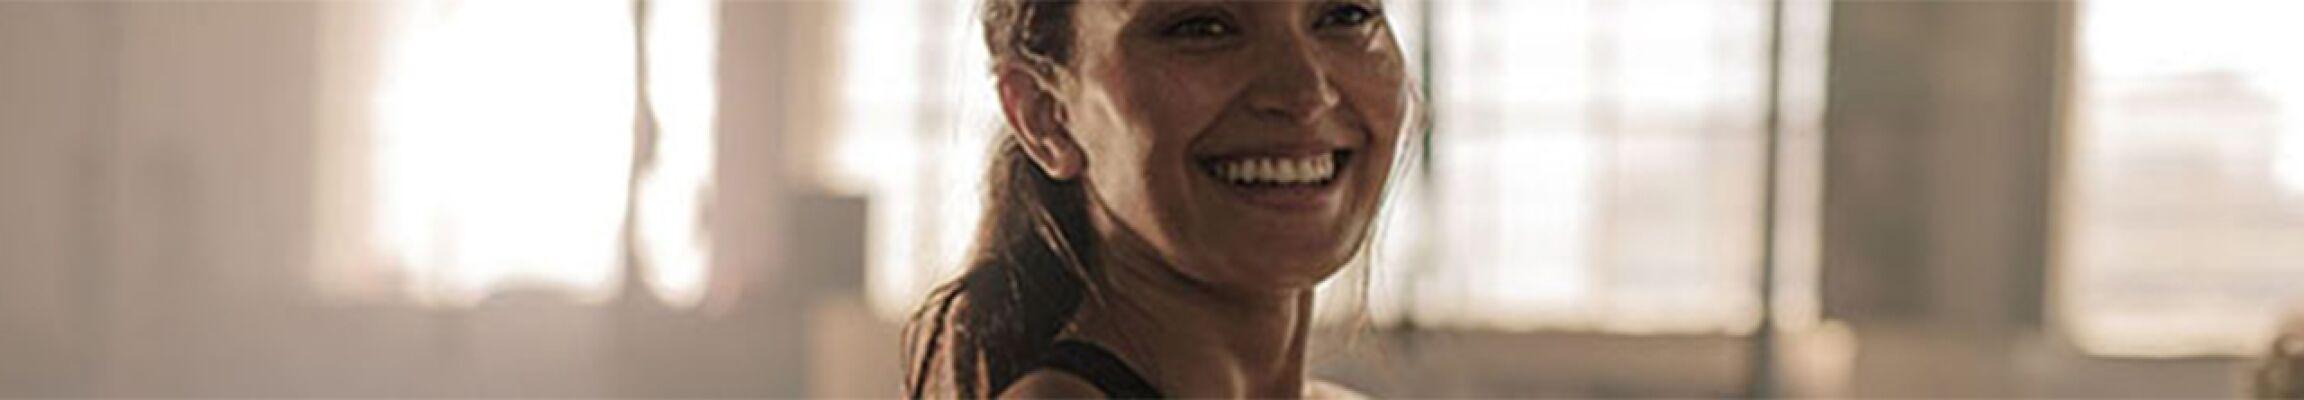 Das optimale Programm für die Frau für einen runden Po und starke Kurven